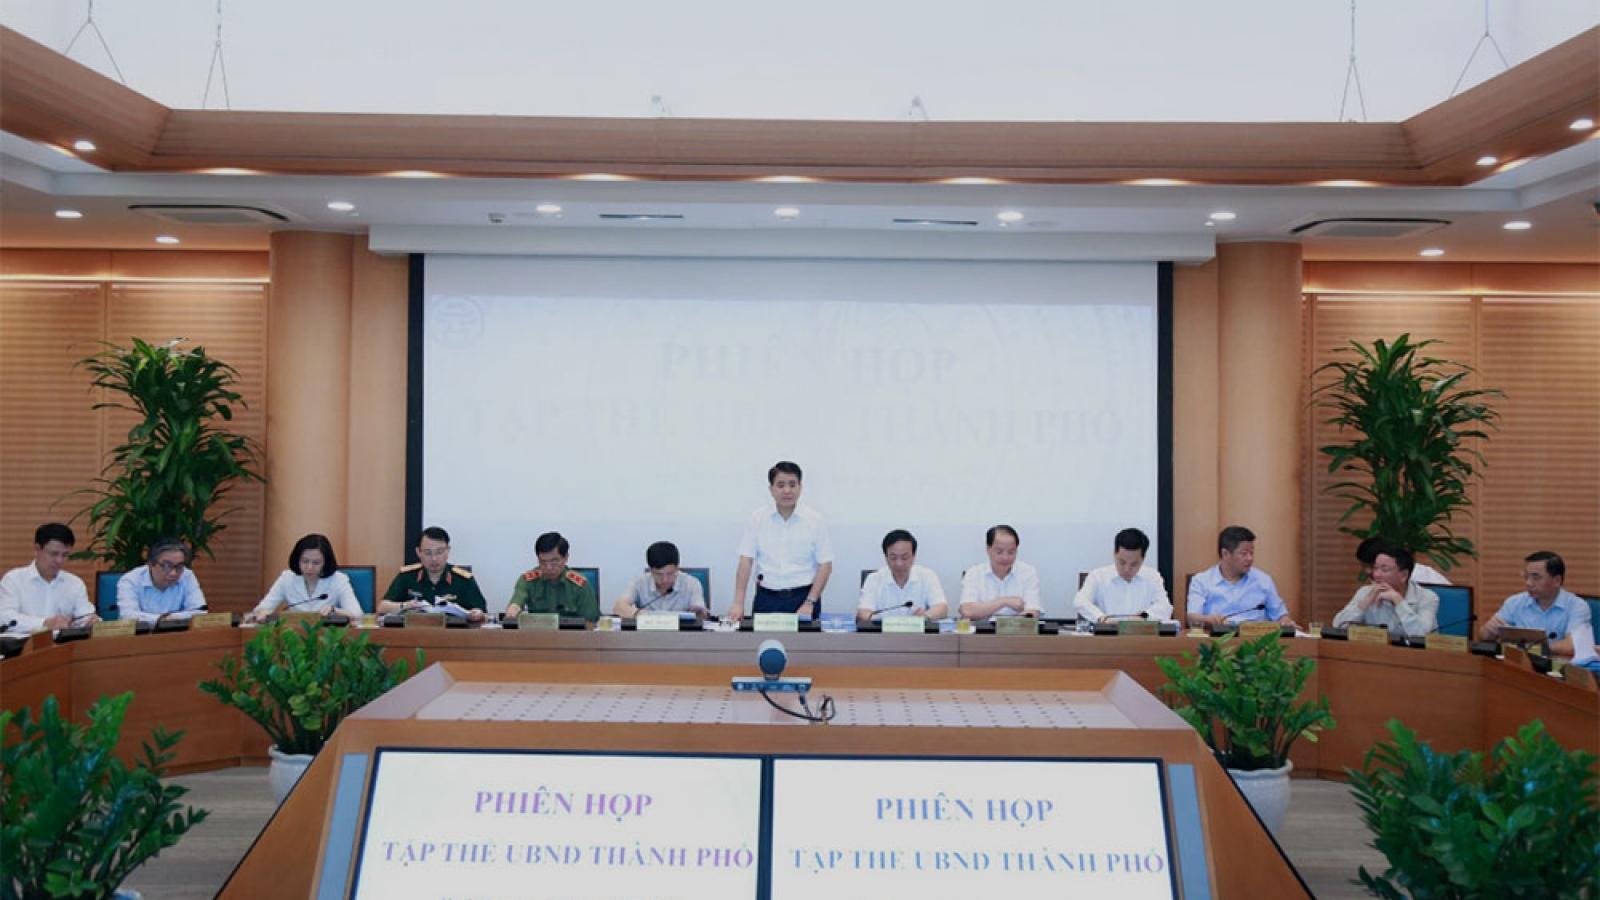 Hà Nội họp nhiều nội dung quan trọng trình kỳ họp thứ 15 HĐND TP